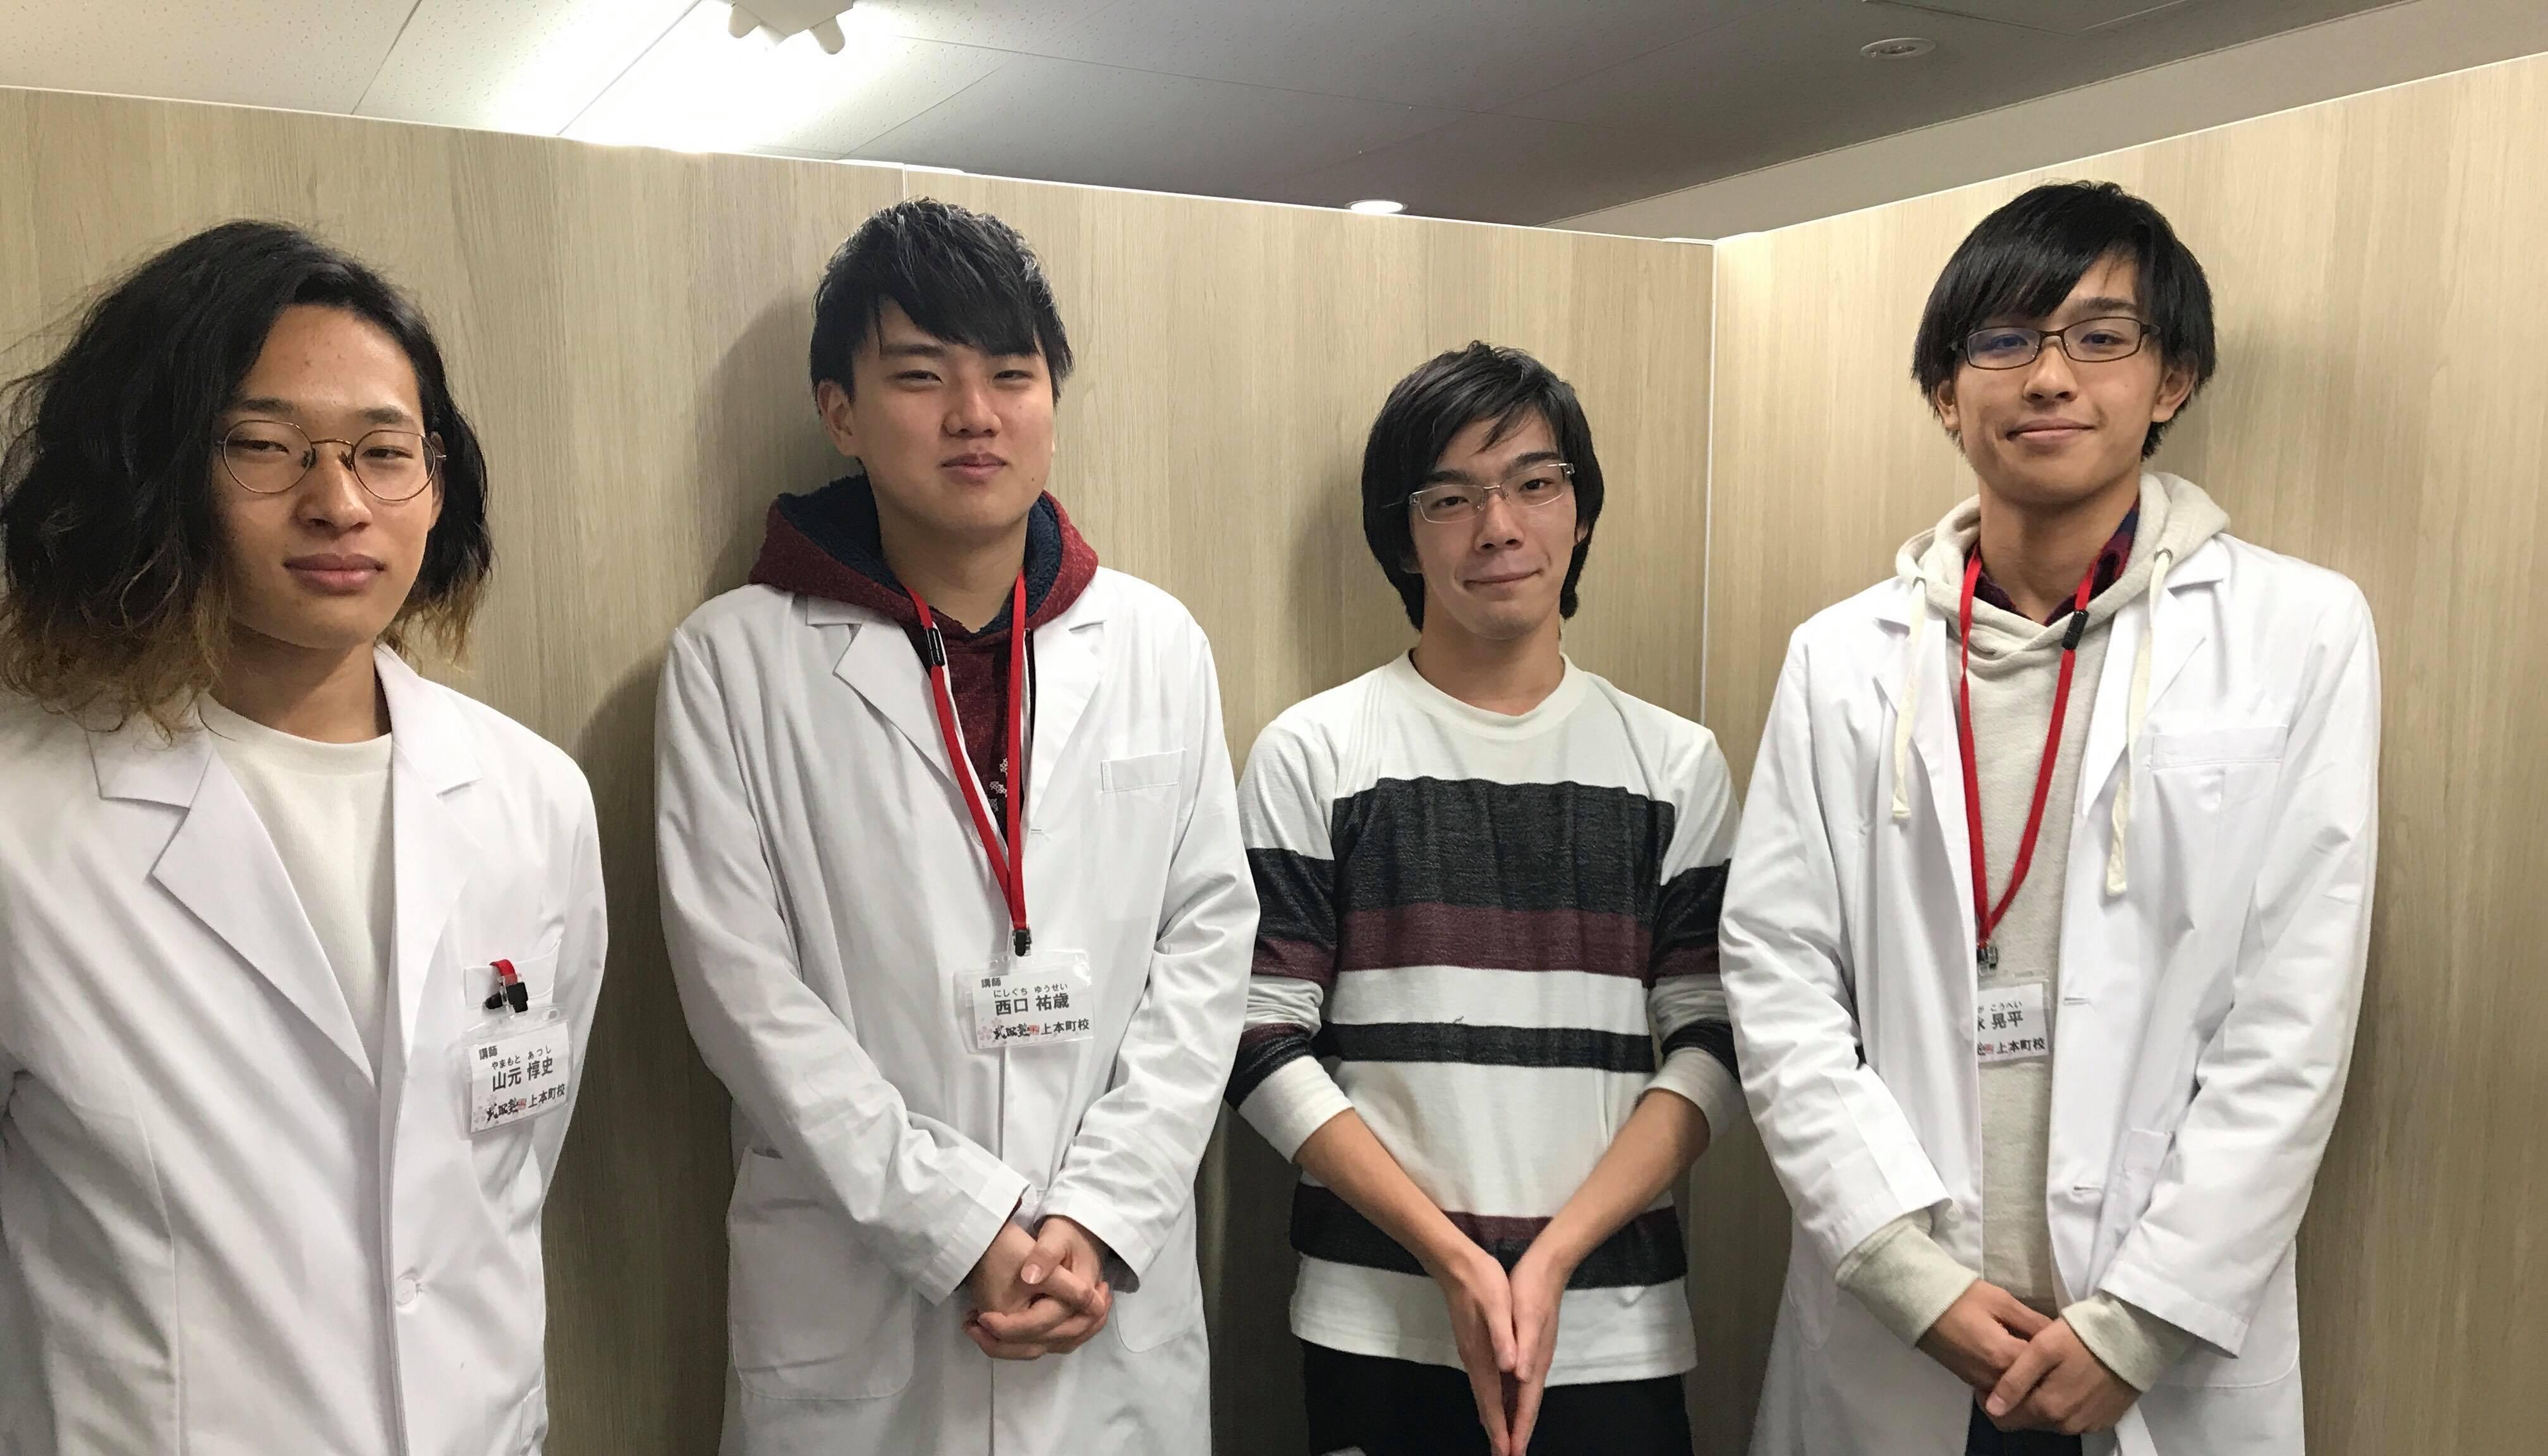 桃山学院大学経営学部に公募推薦入試で合格したR.Tくんと担当講師